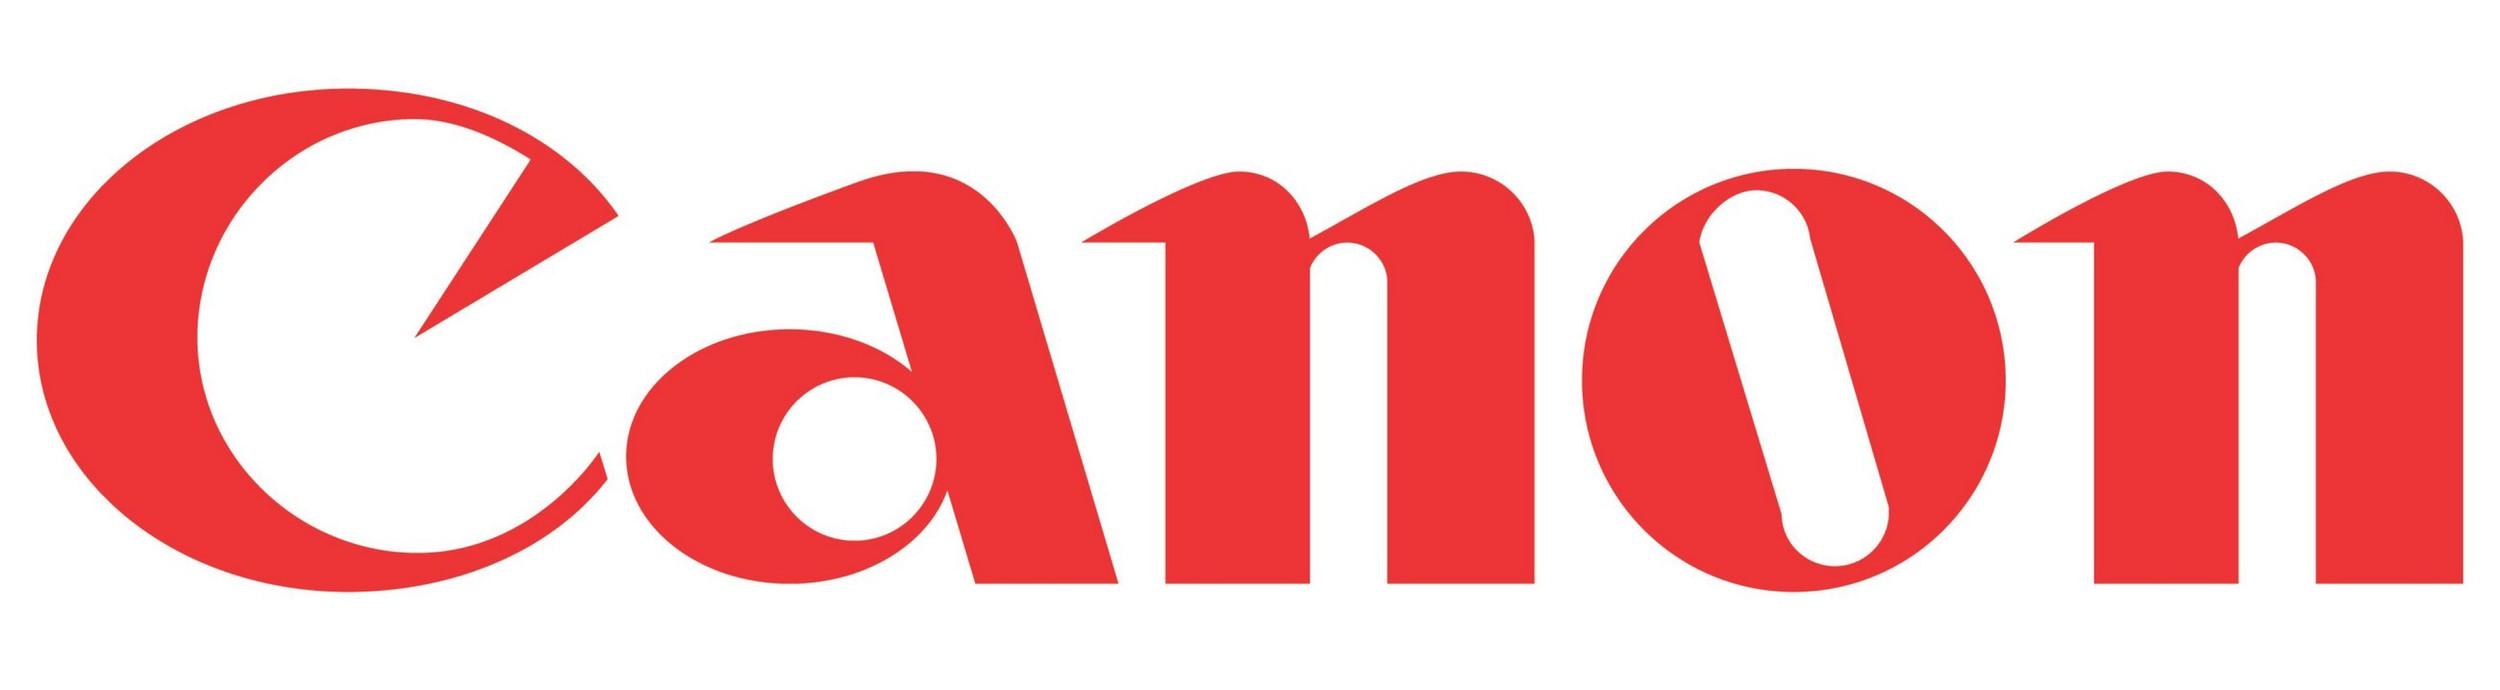 canon-logo.jpg